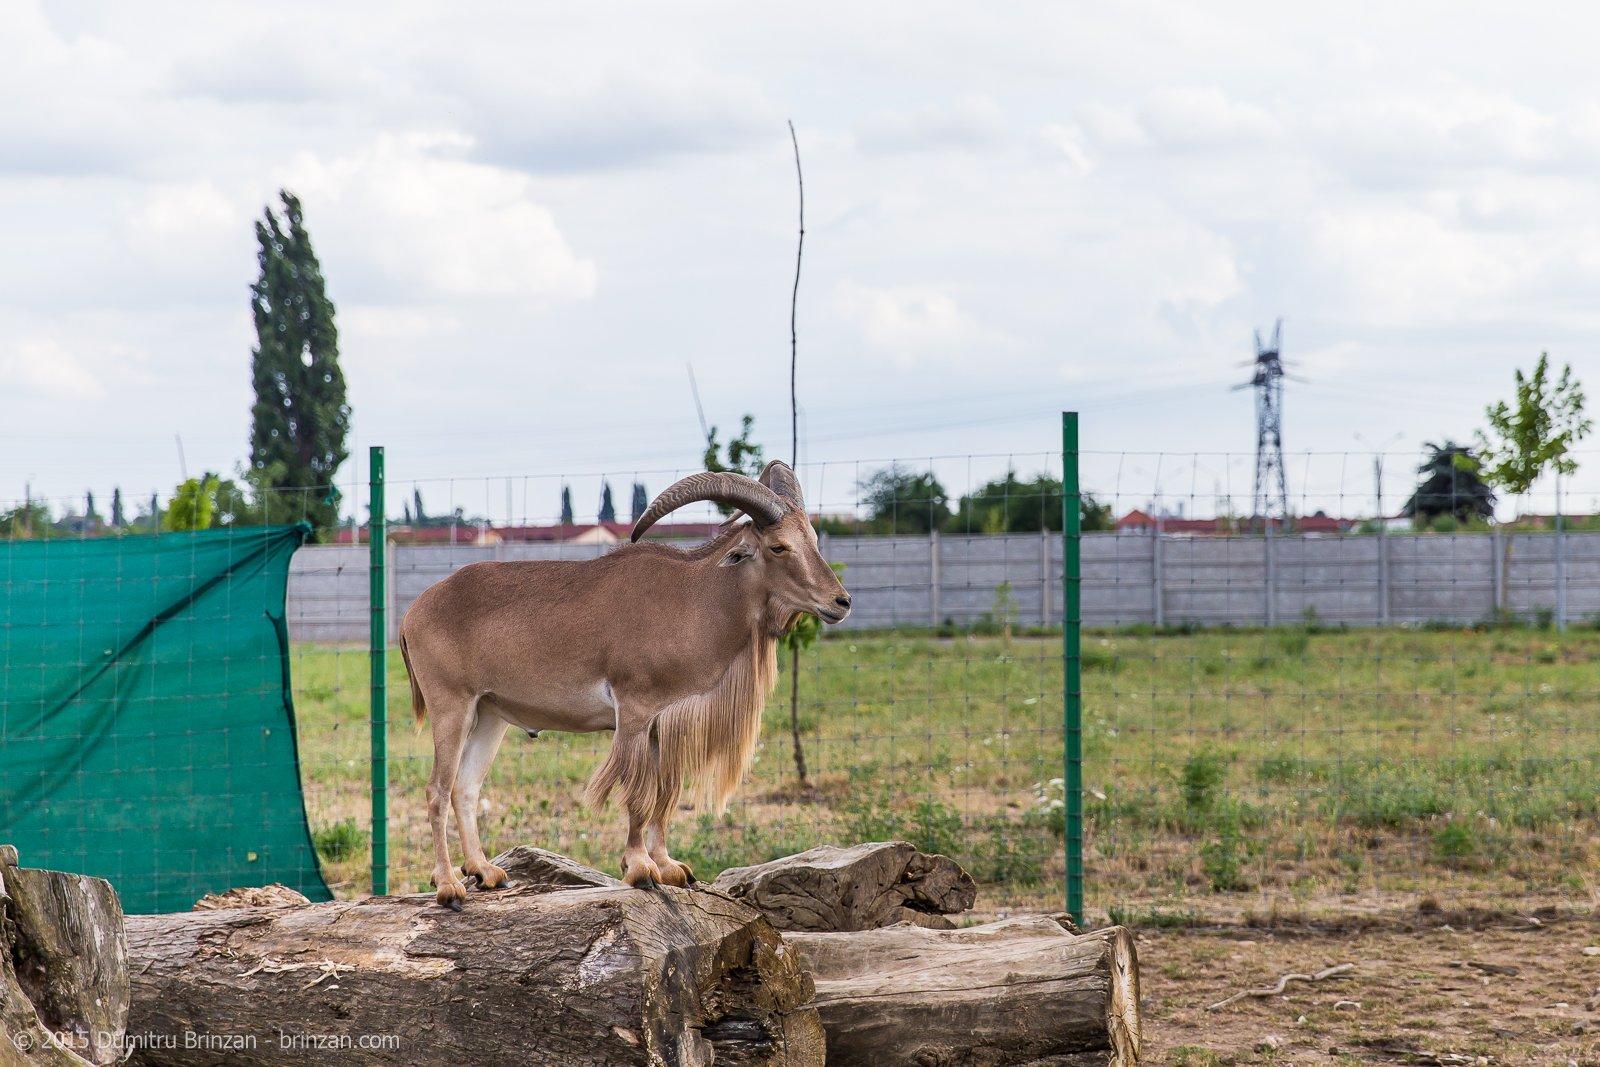 zoo-oradea-romania-2015-6